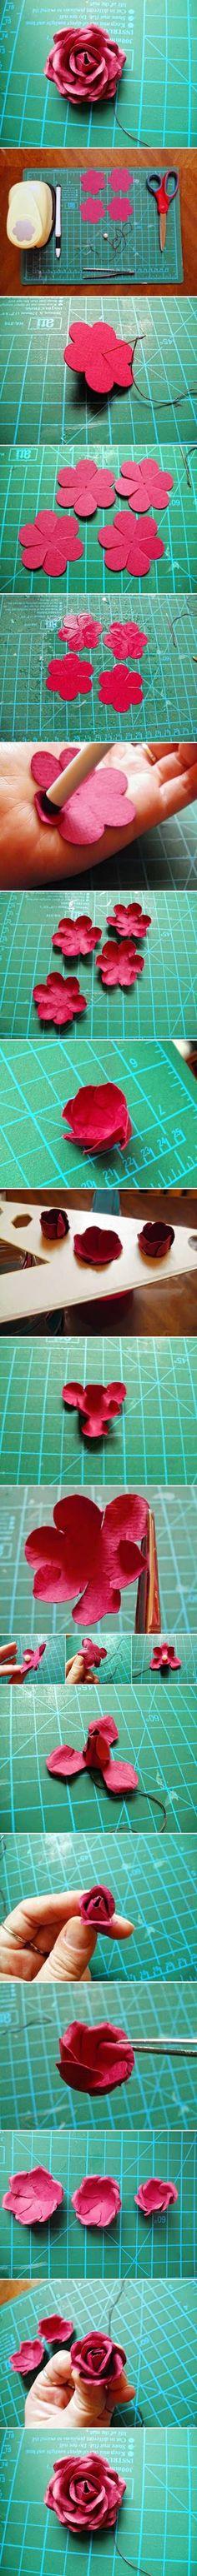 DIY Gemakkelijk Modulaire Paper Rose DIY Projecten / UsefulDIY.com